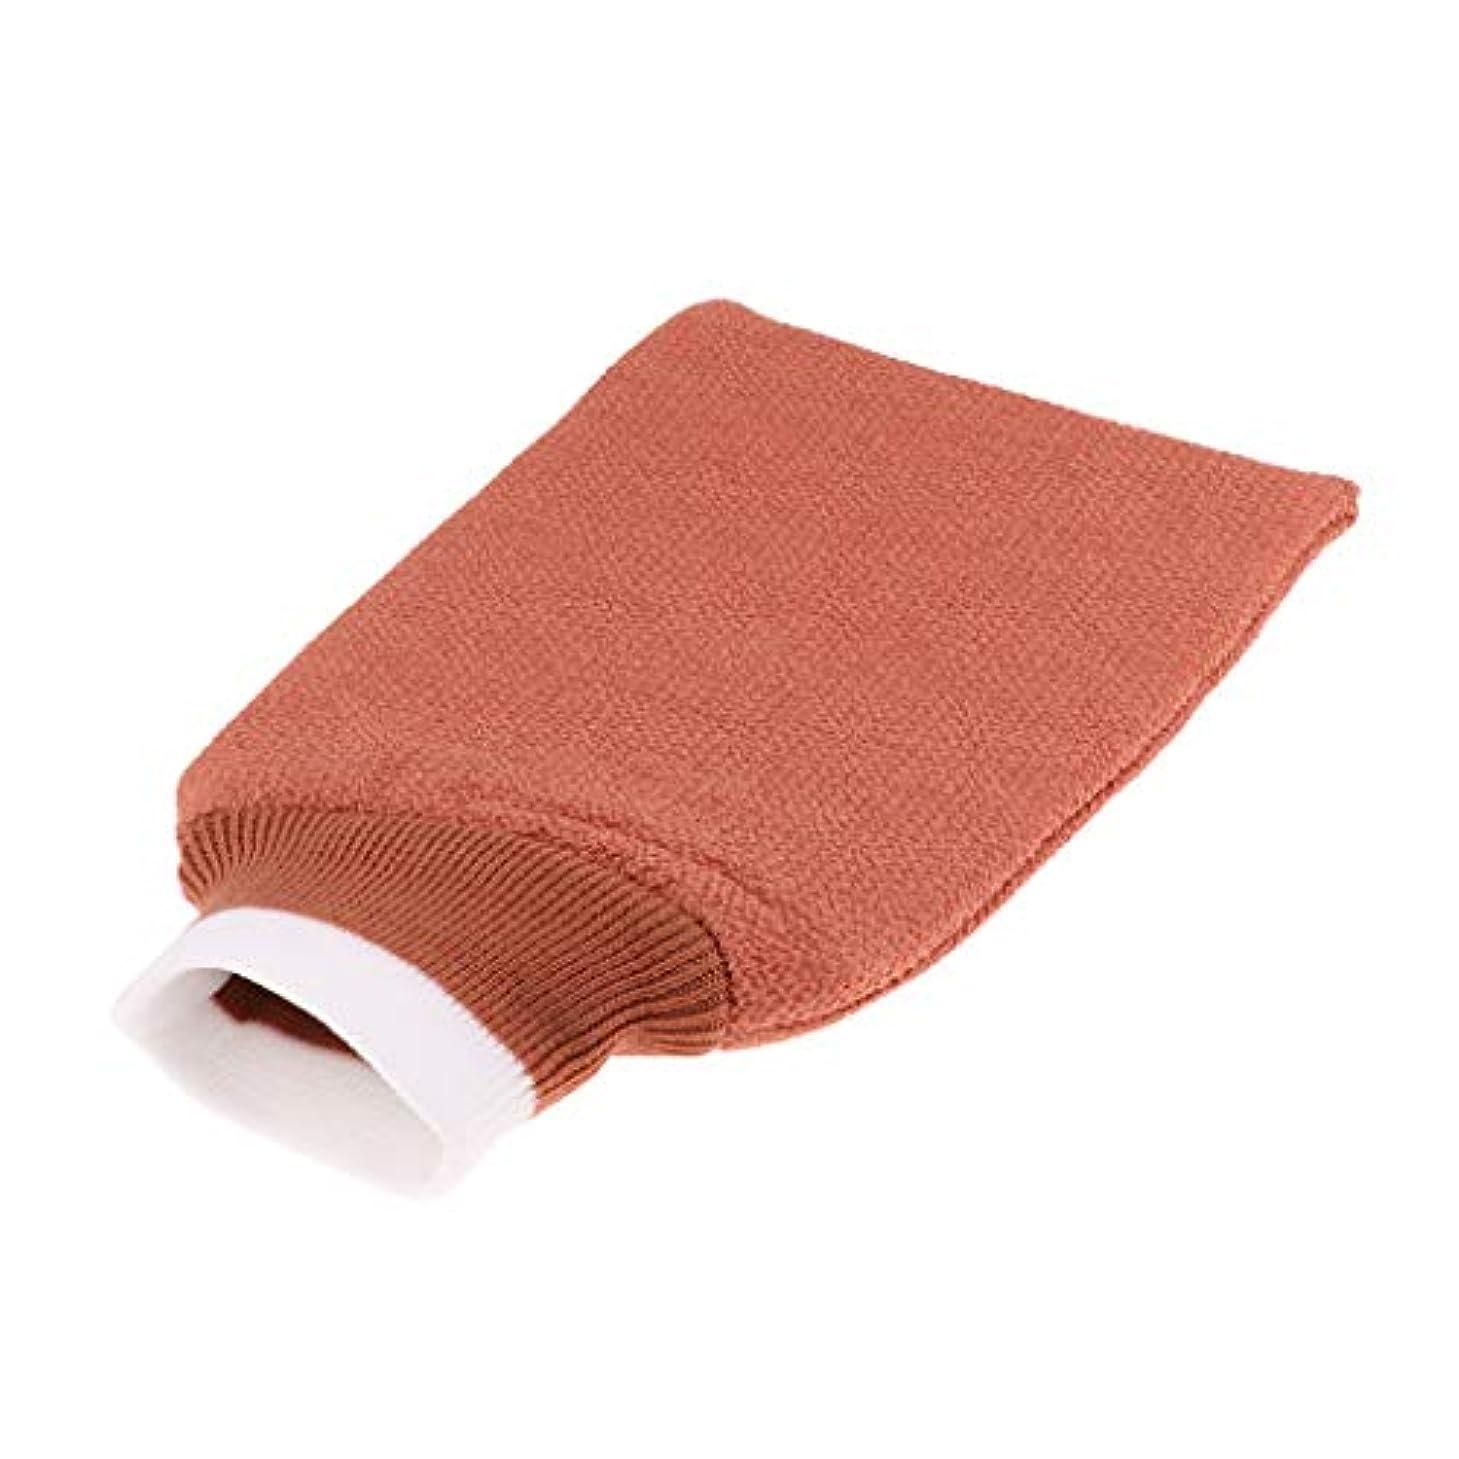 ケーキスクリーチハチバスグローブ 浴用手袋 シャワー用 バスミット 垢すり手袋 毛穴清潔 角質除去 男女兼用 全3色 - シャンパン